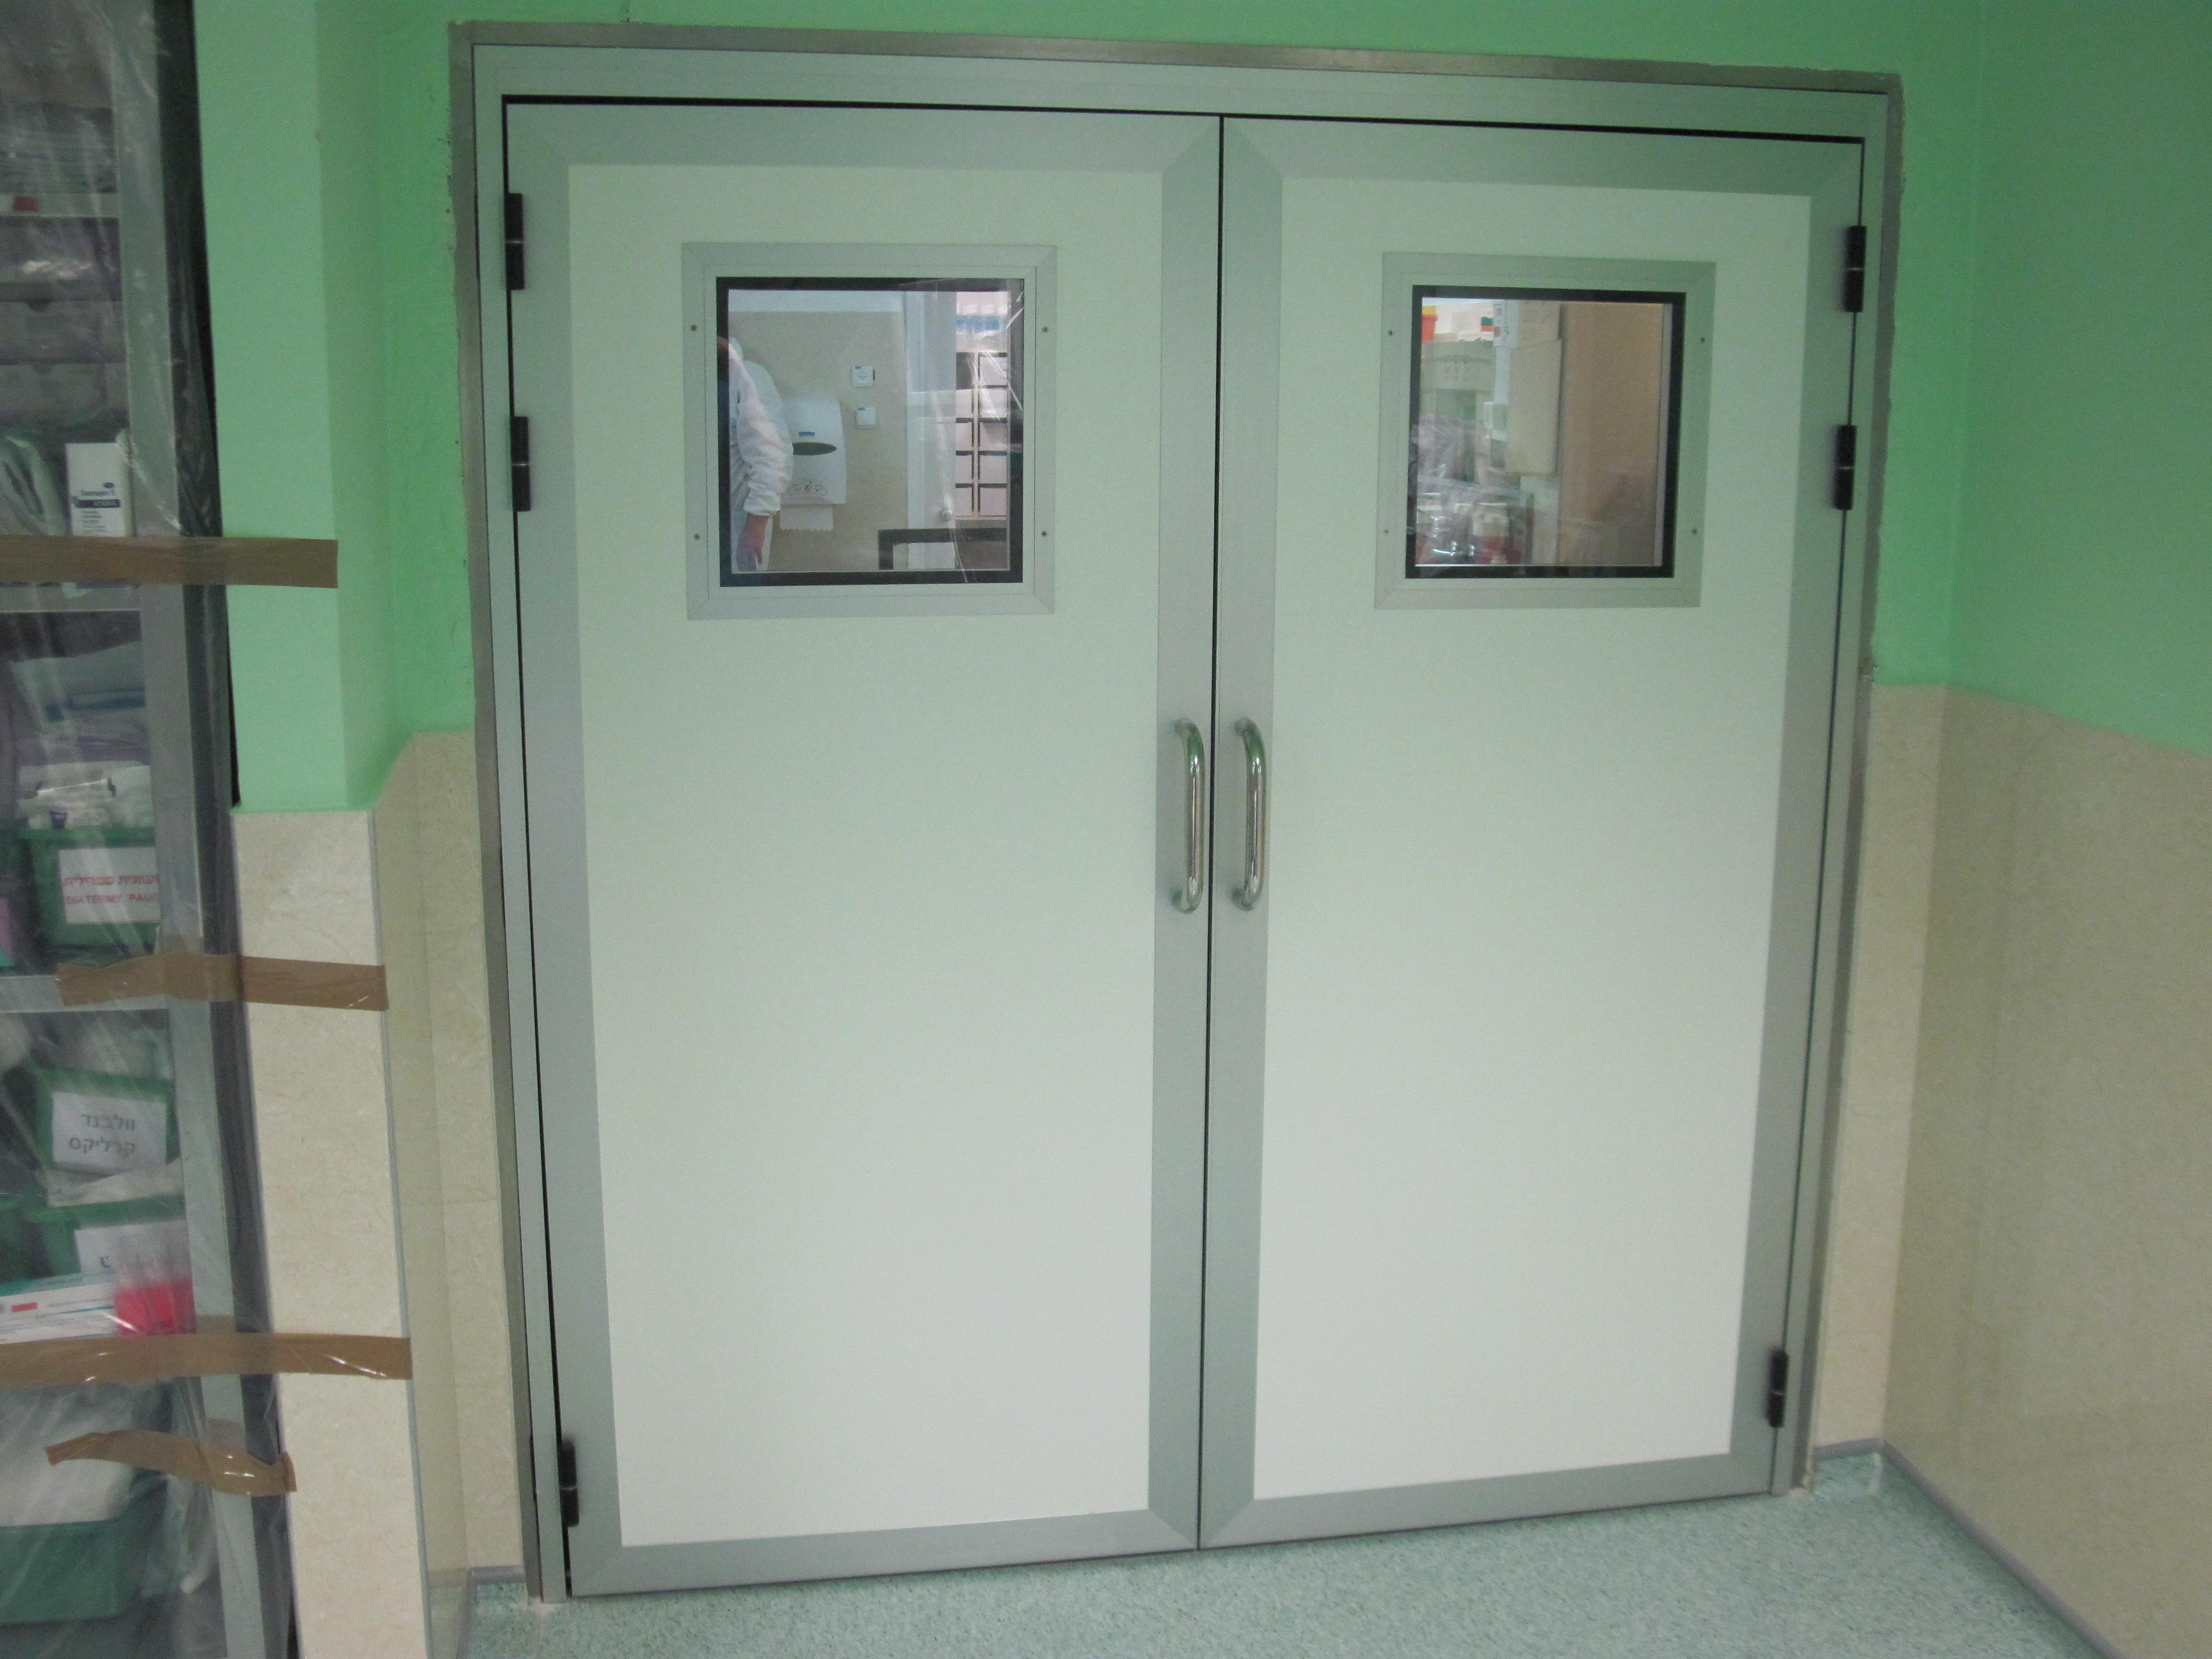 דלתות חדרי ניתוח - אחרי